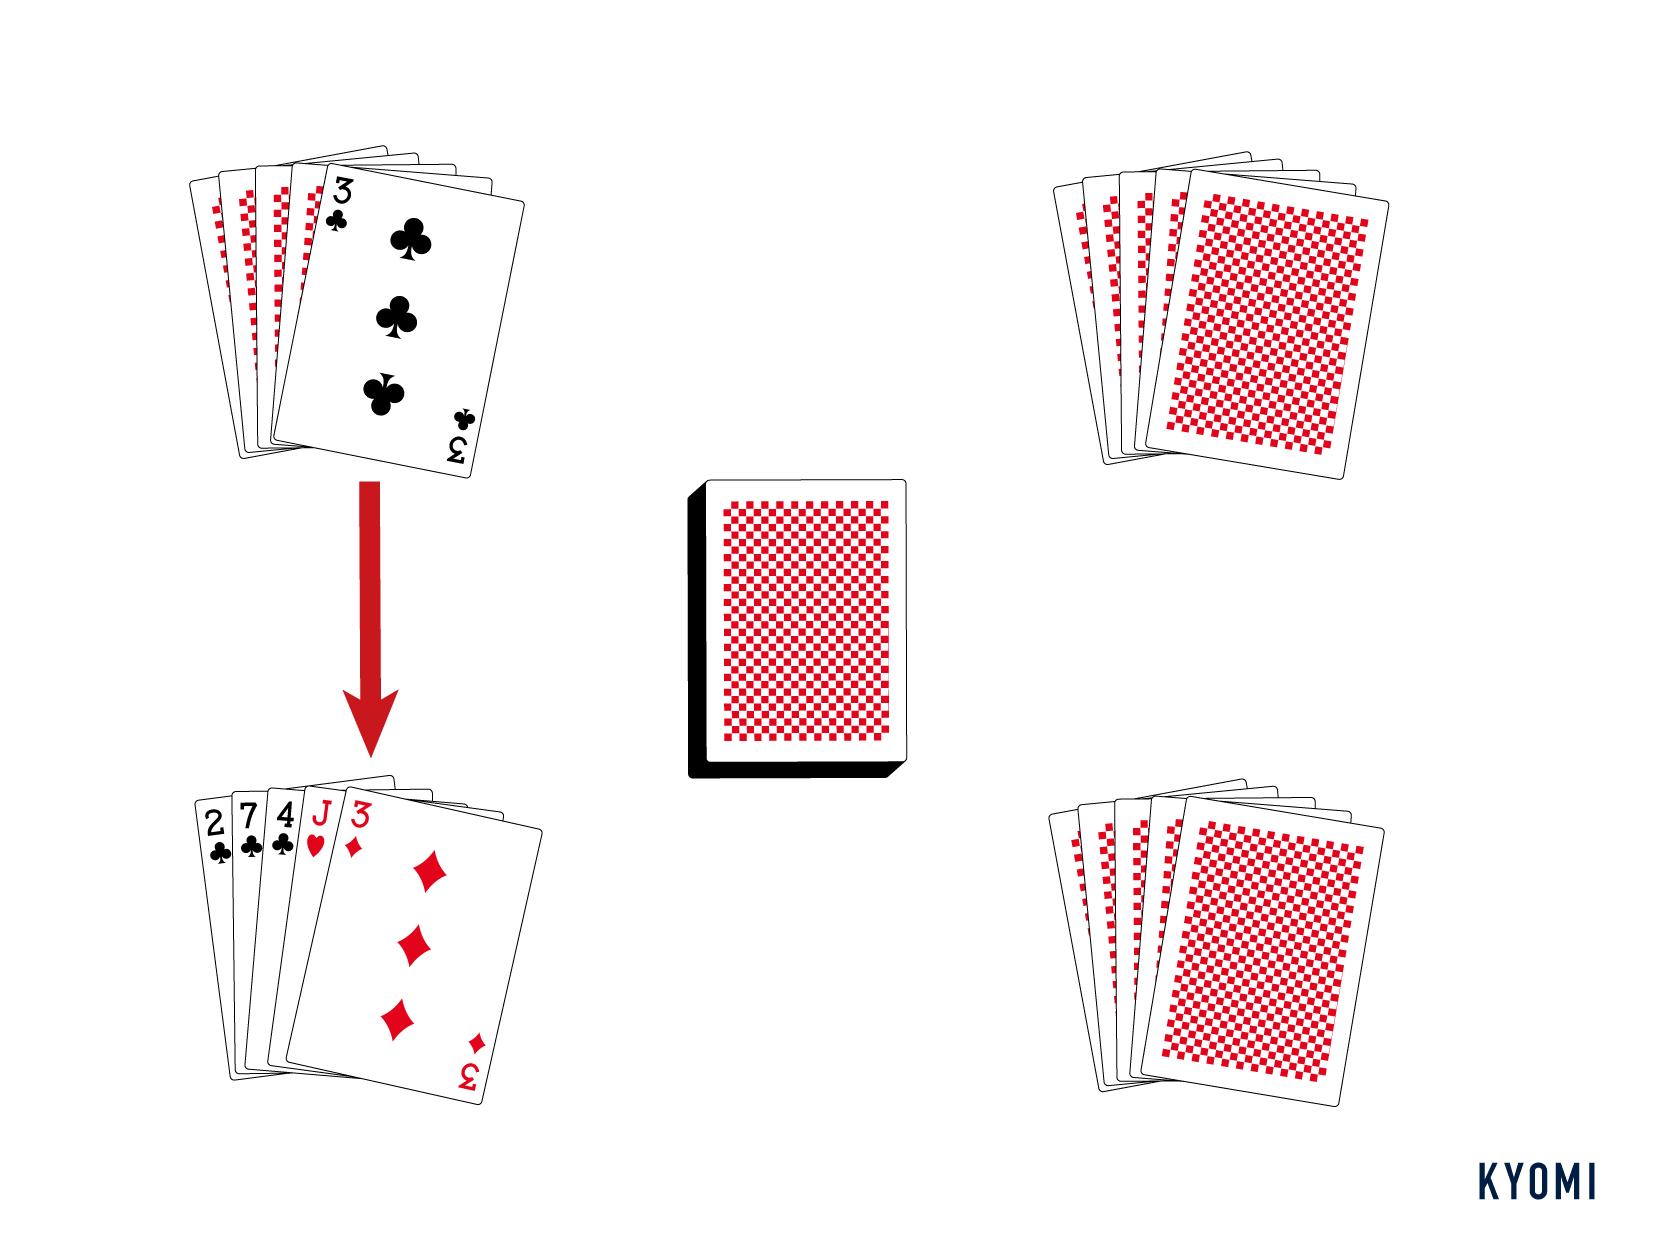 ゴーフィッシュ-図-カードを渡す